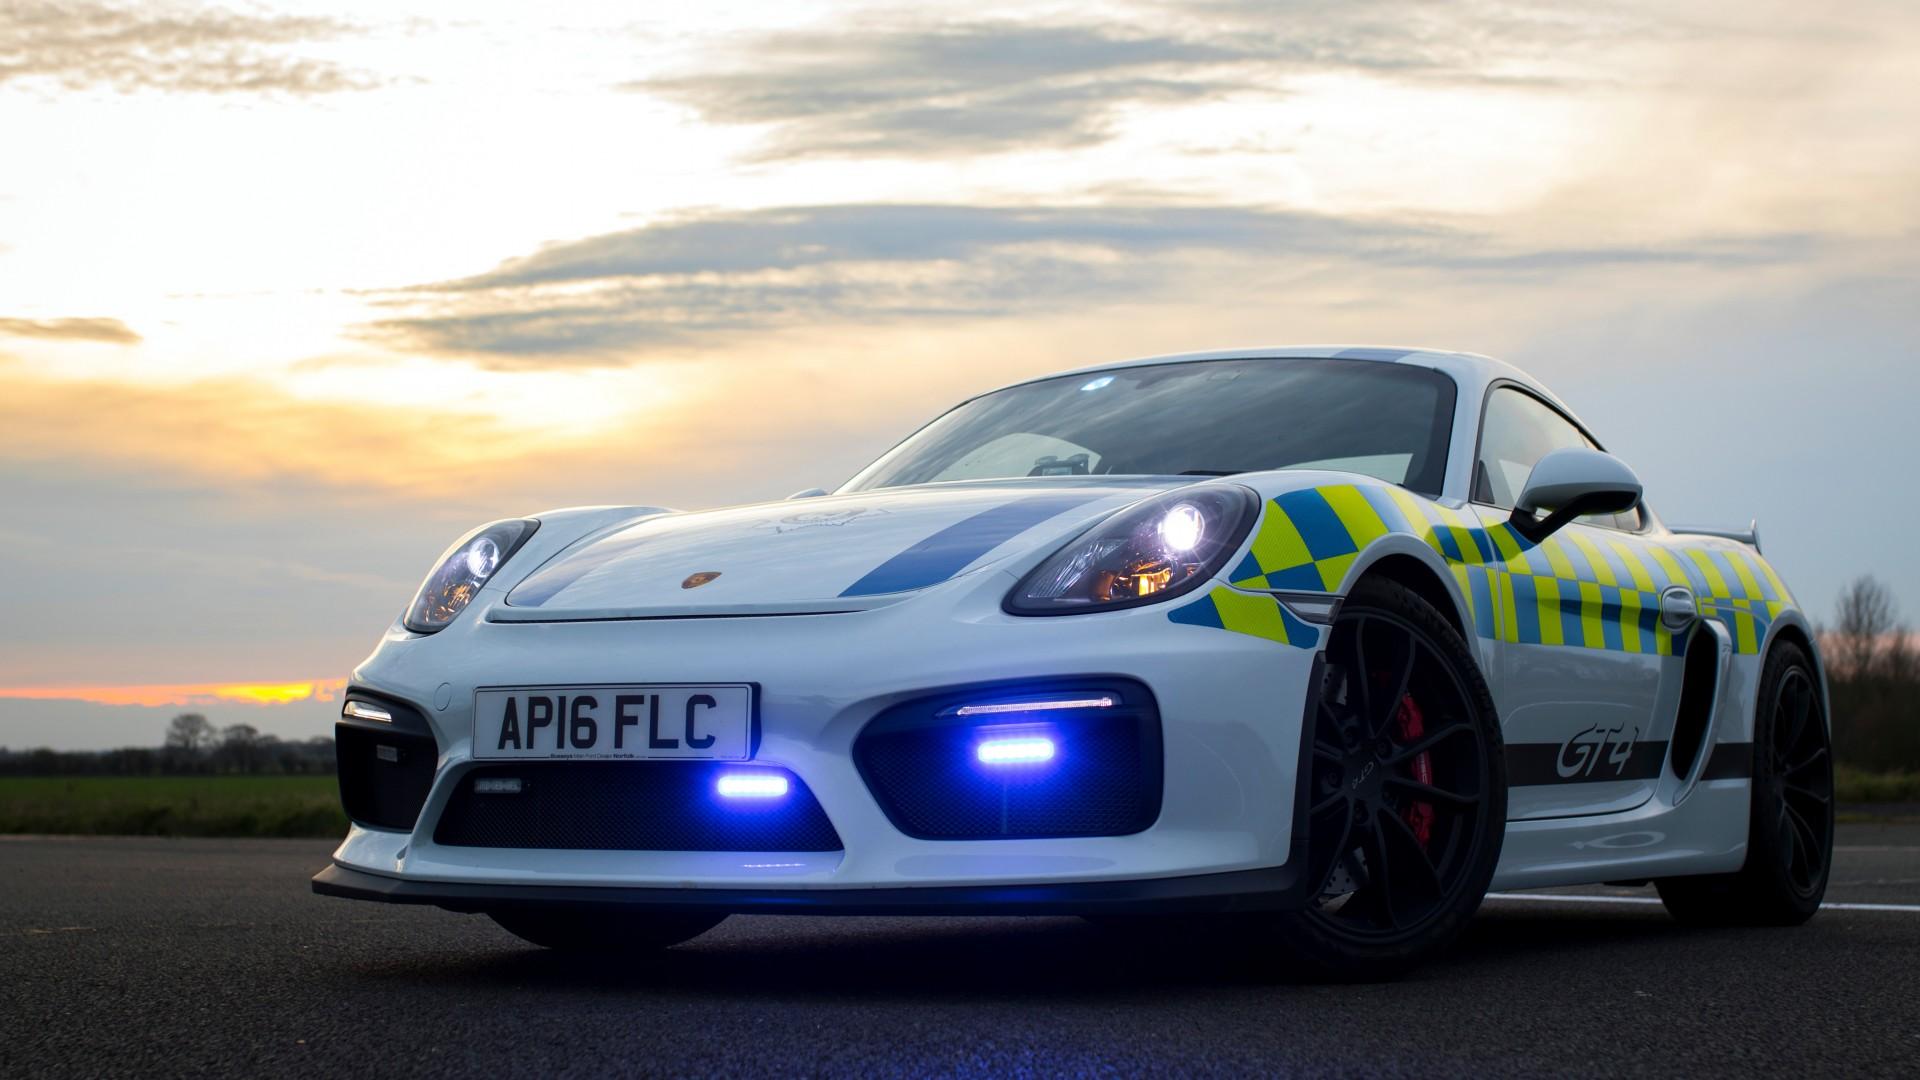 Porsche Cayman Gt4 Police Car 2017 4k Wallpaper Hd Car